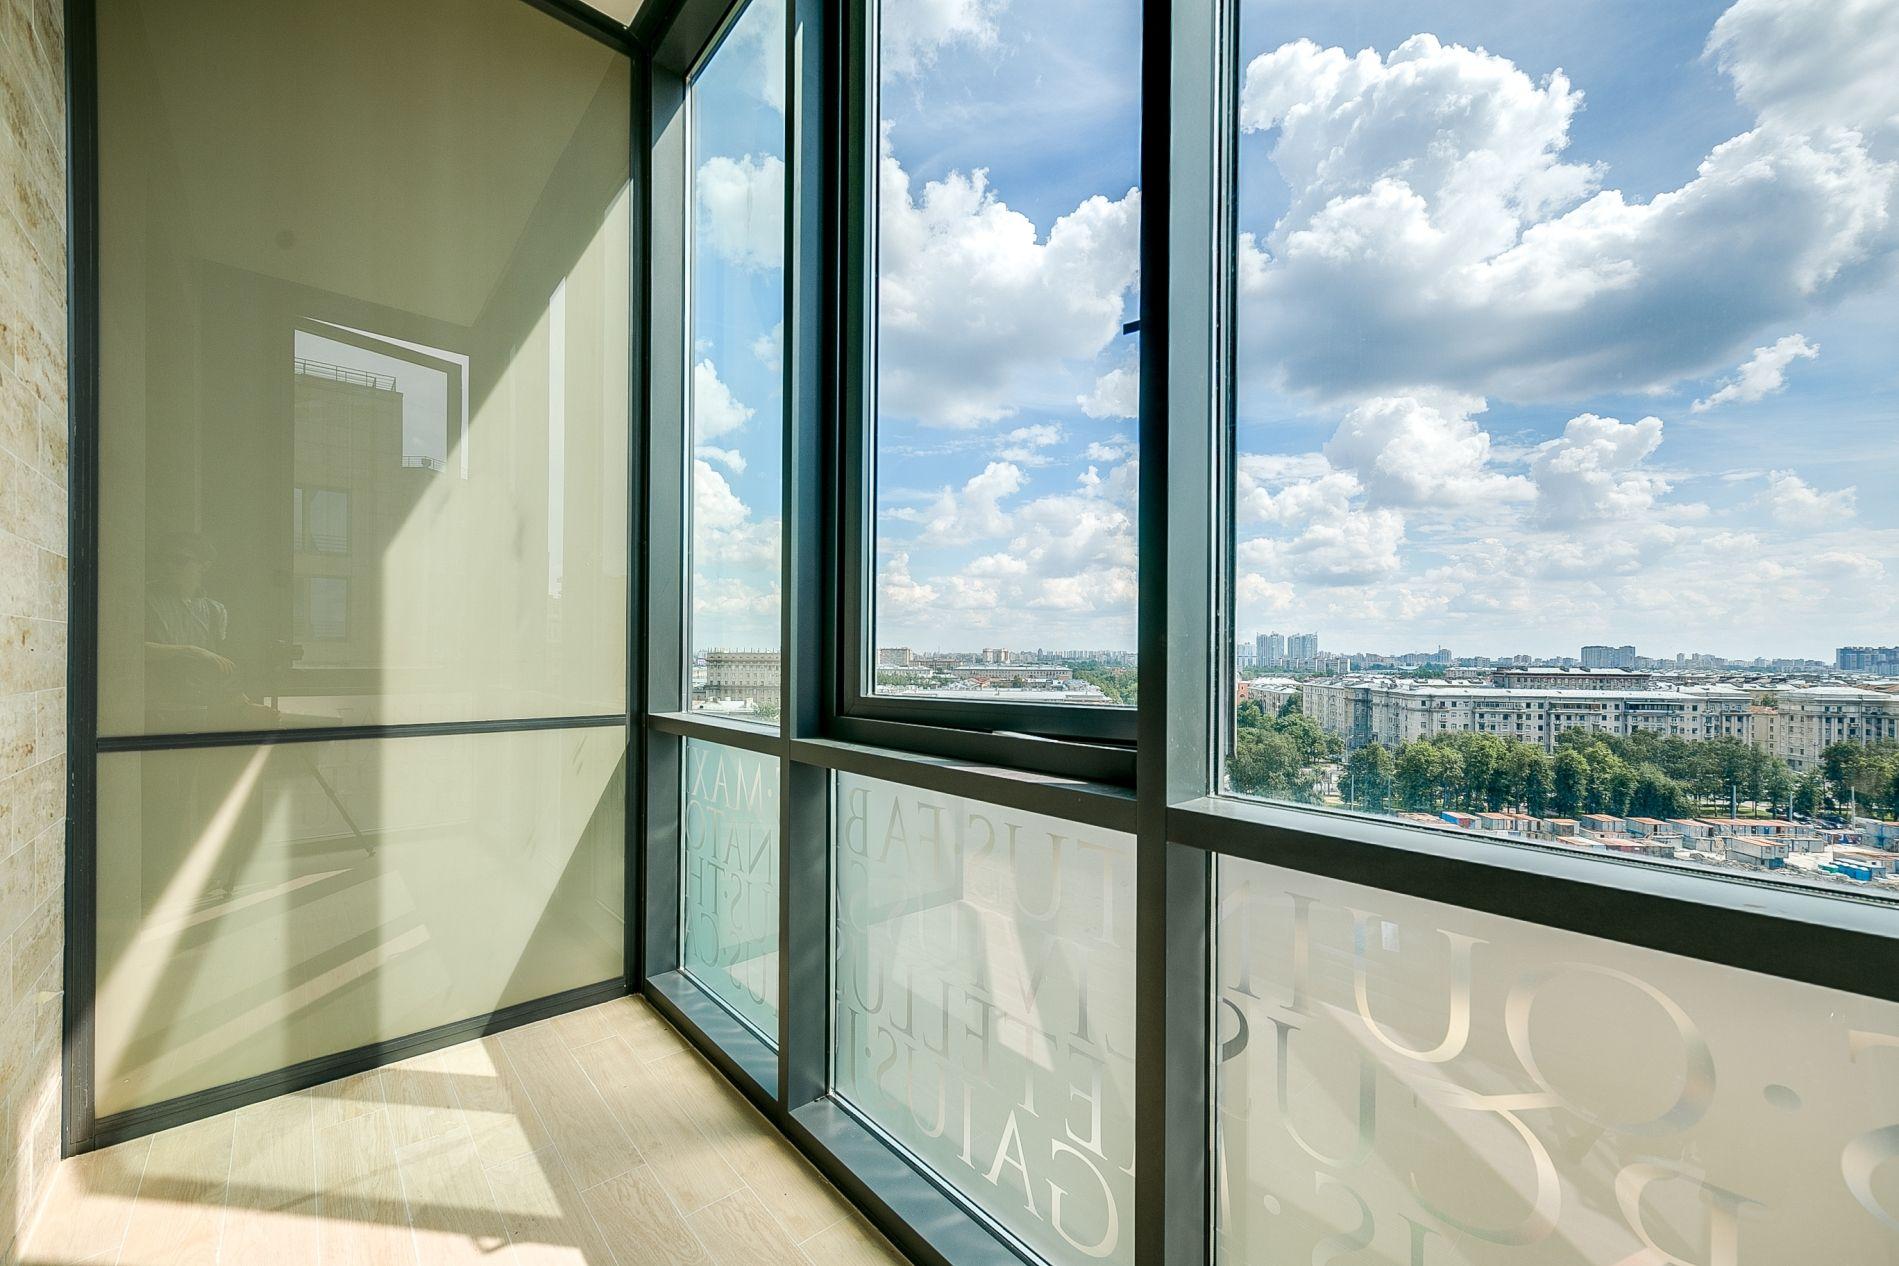 фото балконов из стеклопакета вас